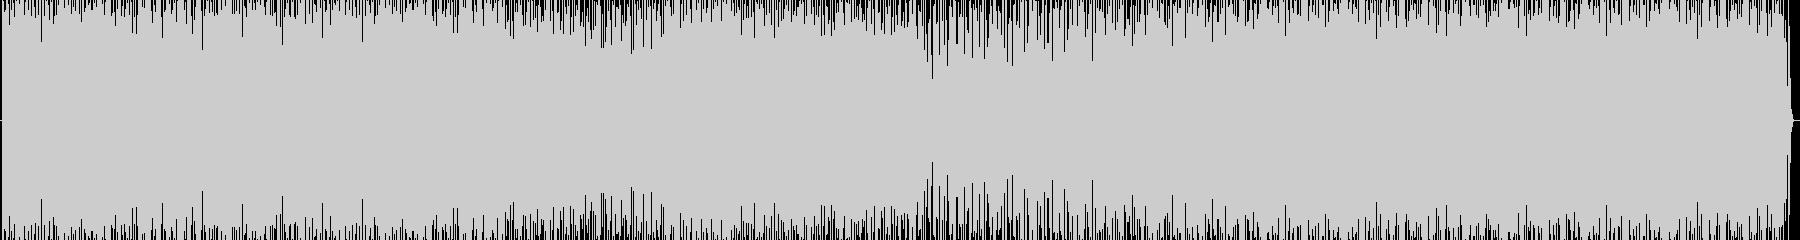 脈打つエレクトロニカグルーヴには、...の未再生の波形